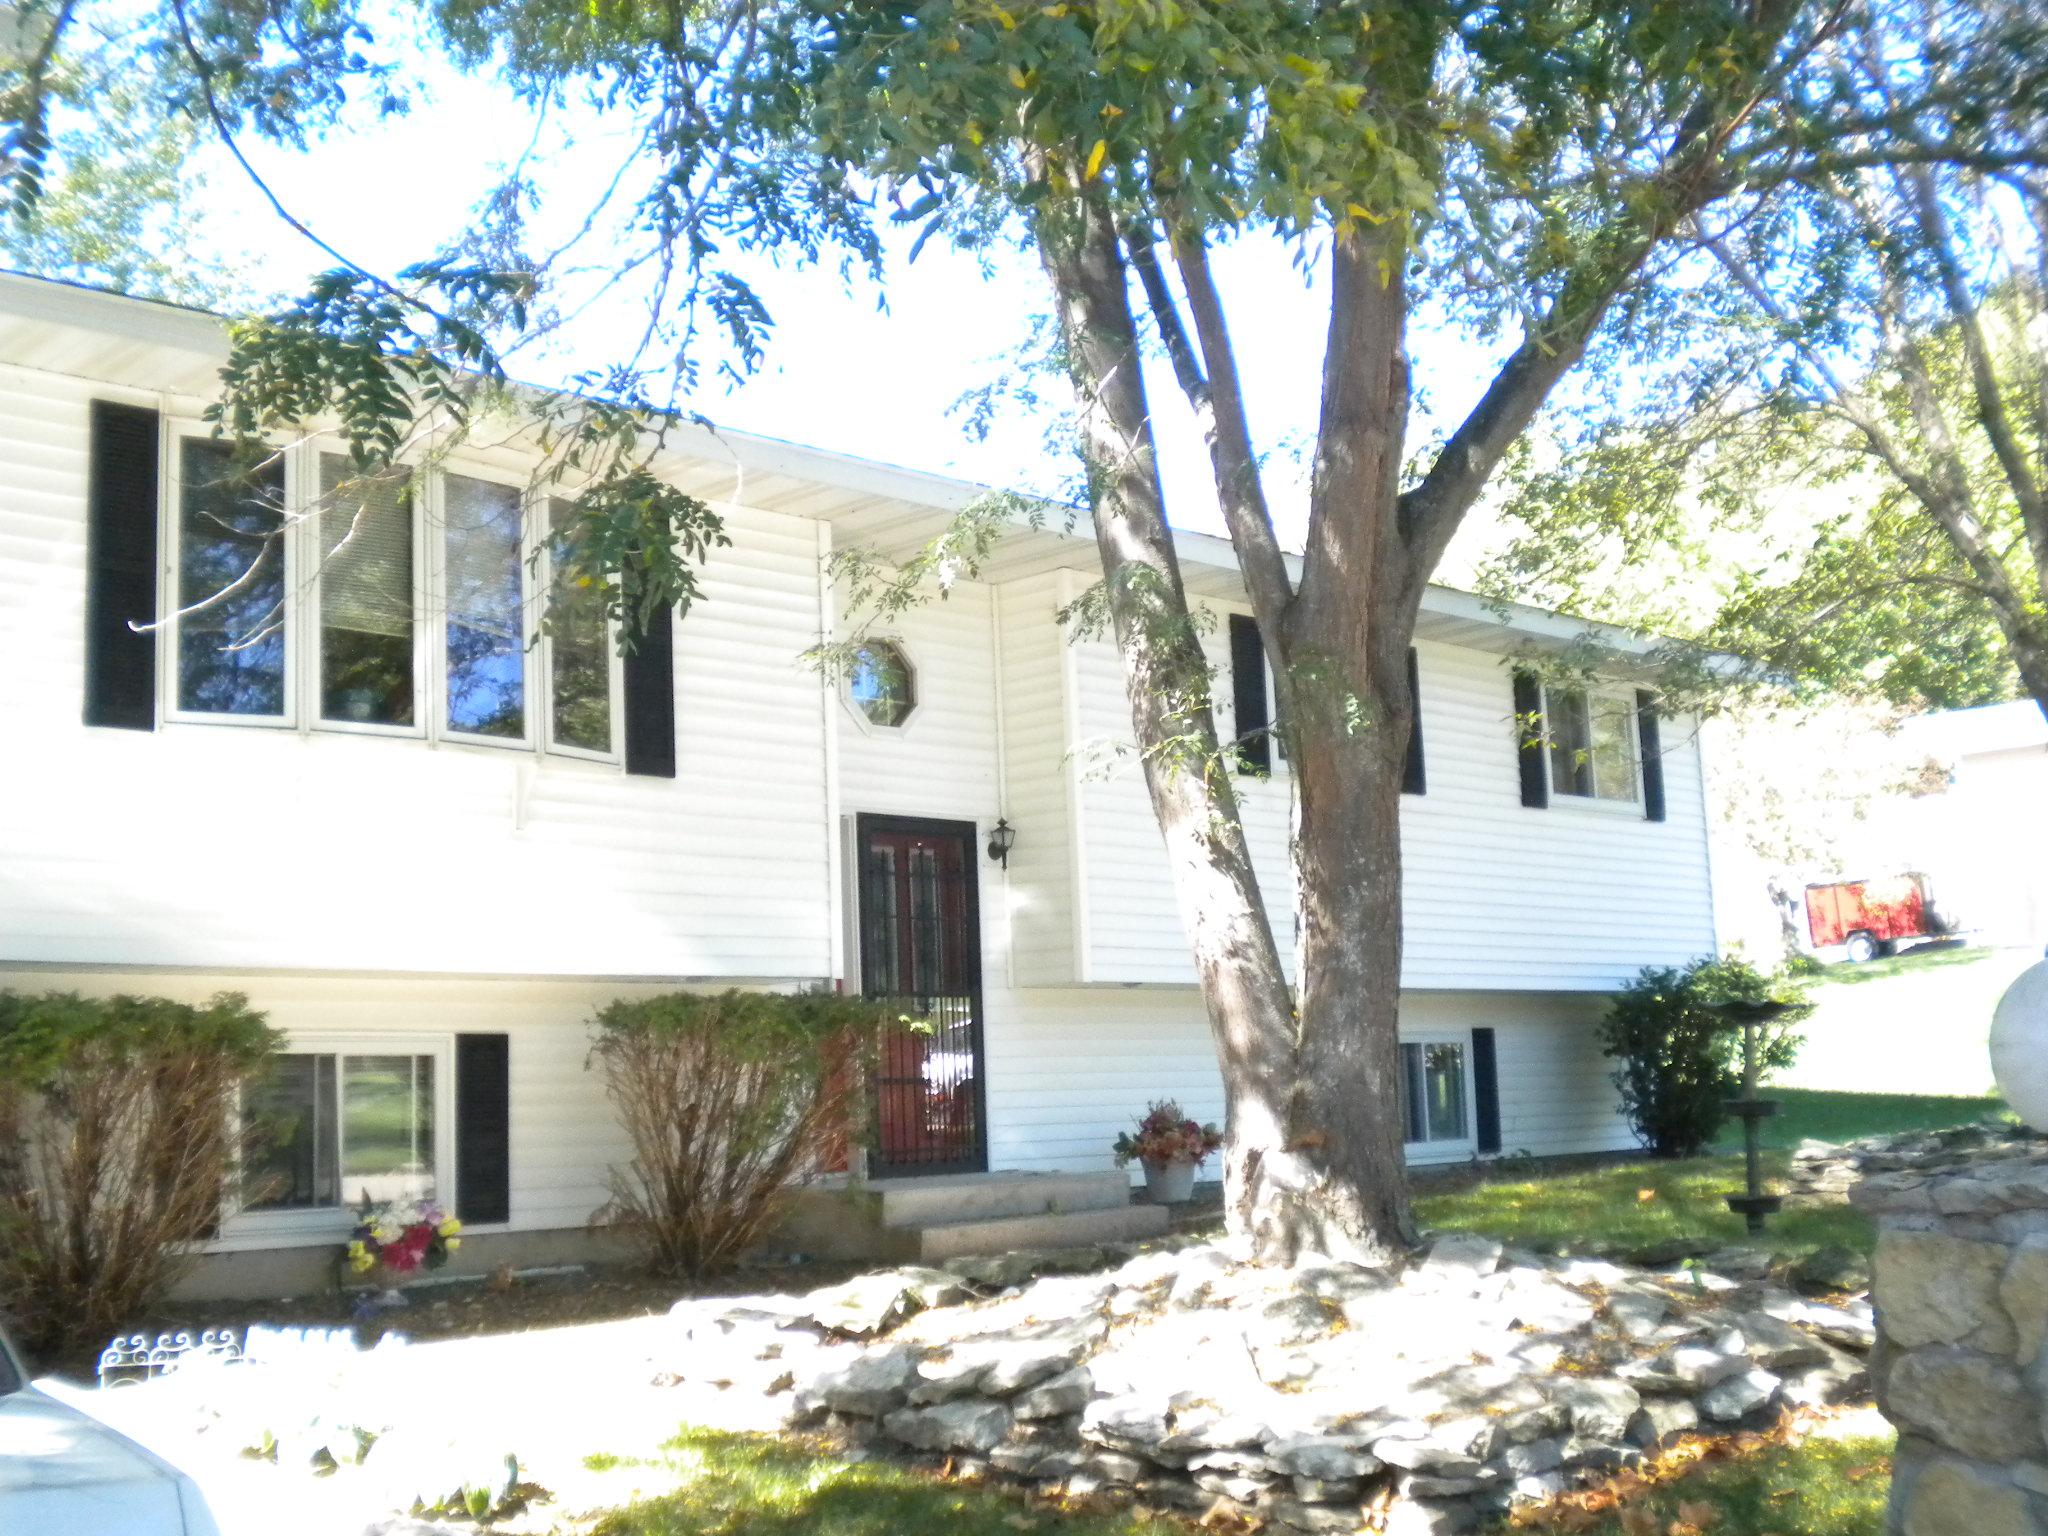 318 N. Mill St., Wauzeka, Wisconsin 53826